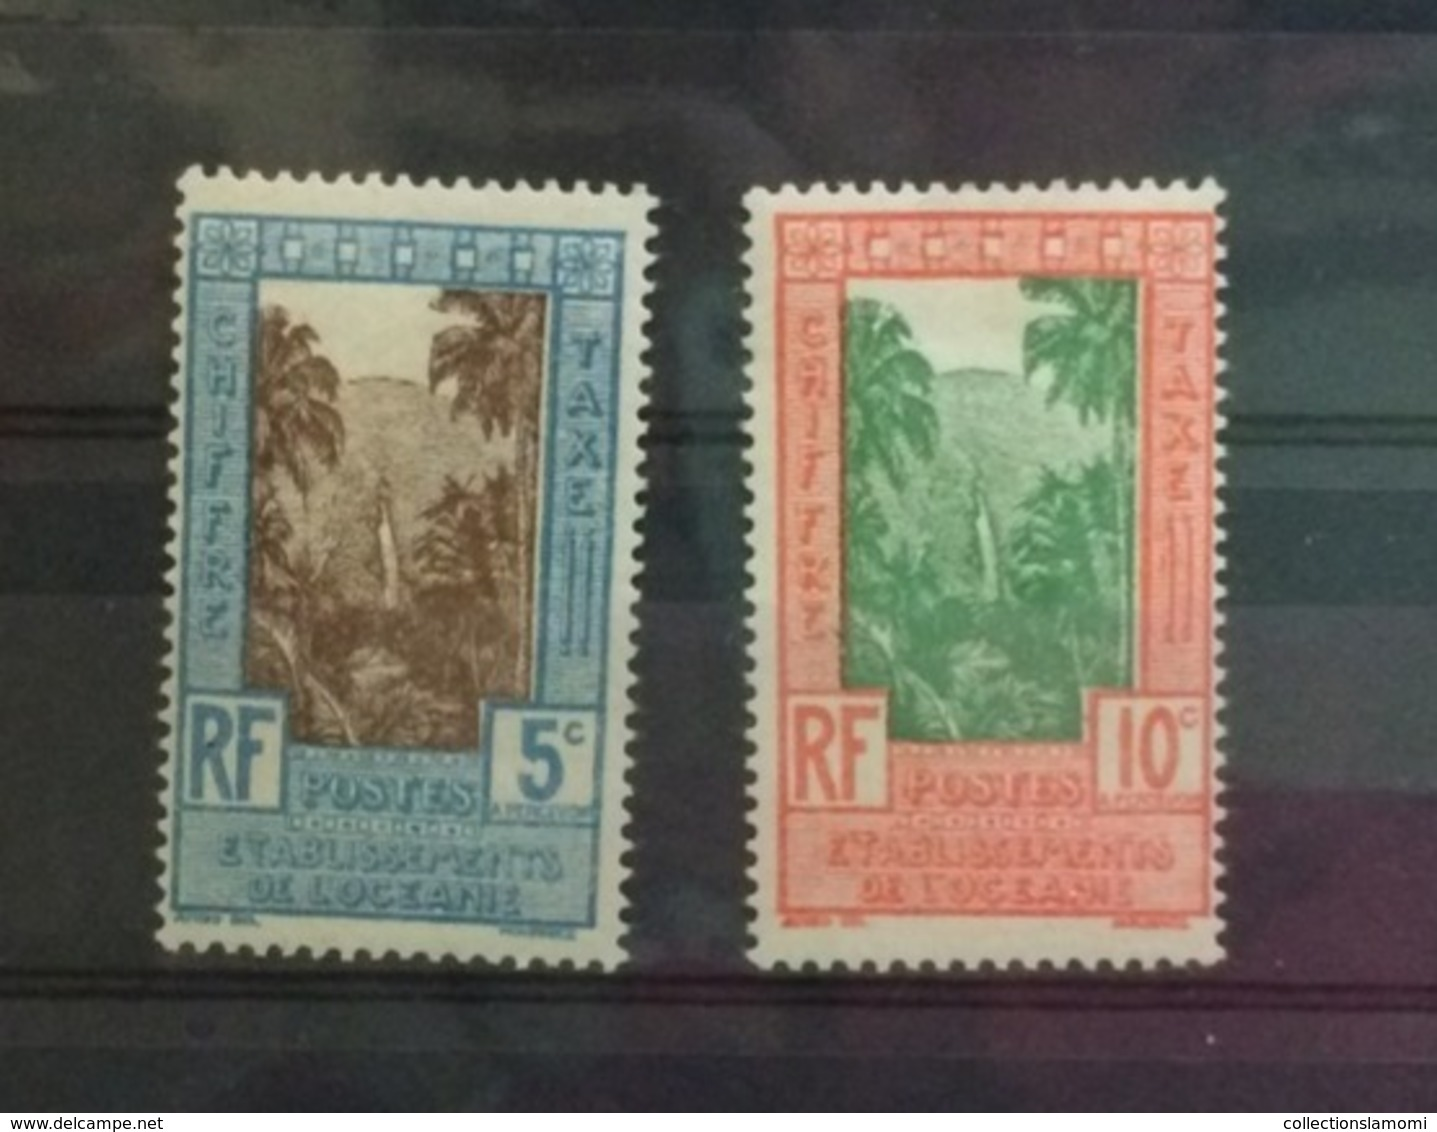 Océanie Neuf Avec Charnière 1929 à 1946 Ets Français + Poste Aérienne Voir Photos - Francobolli